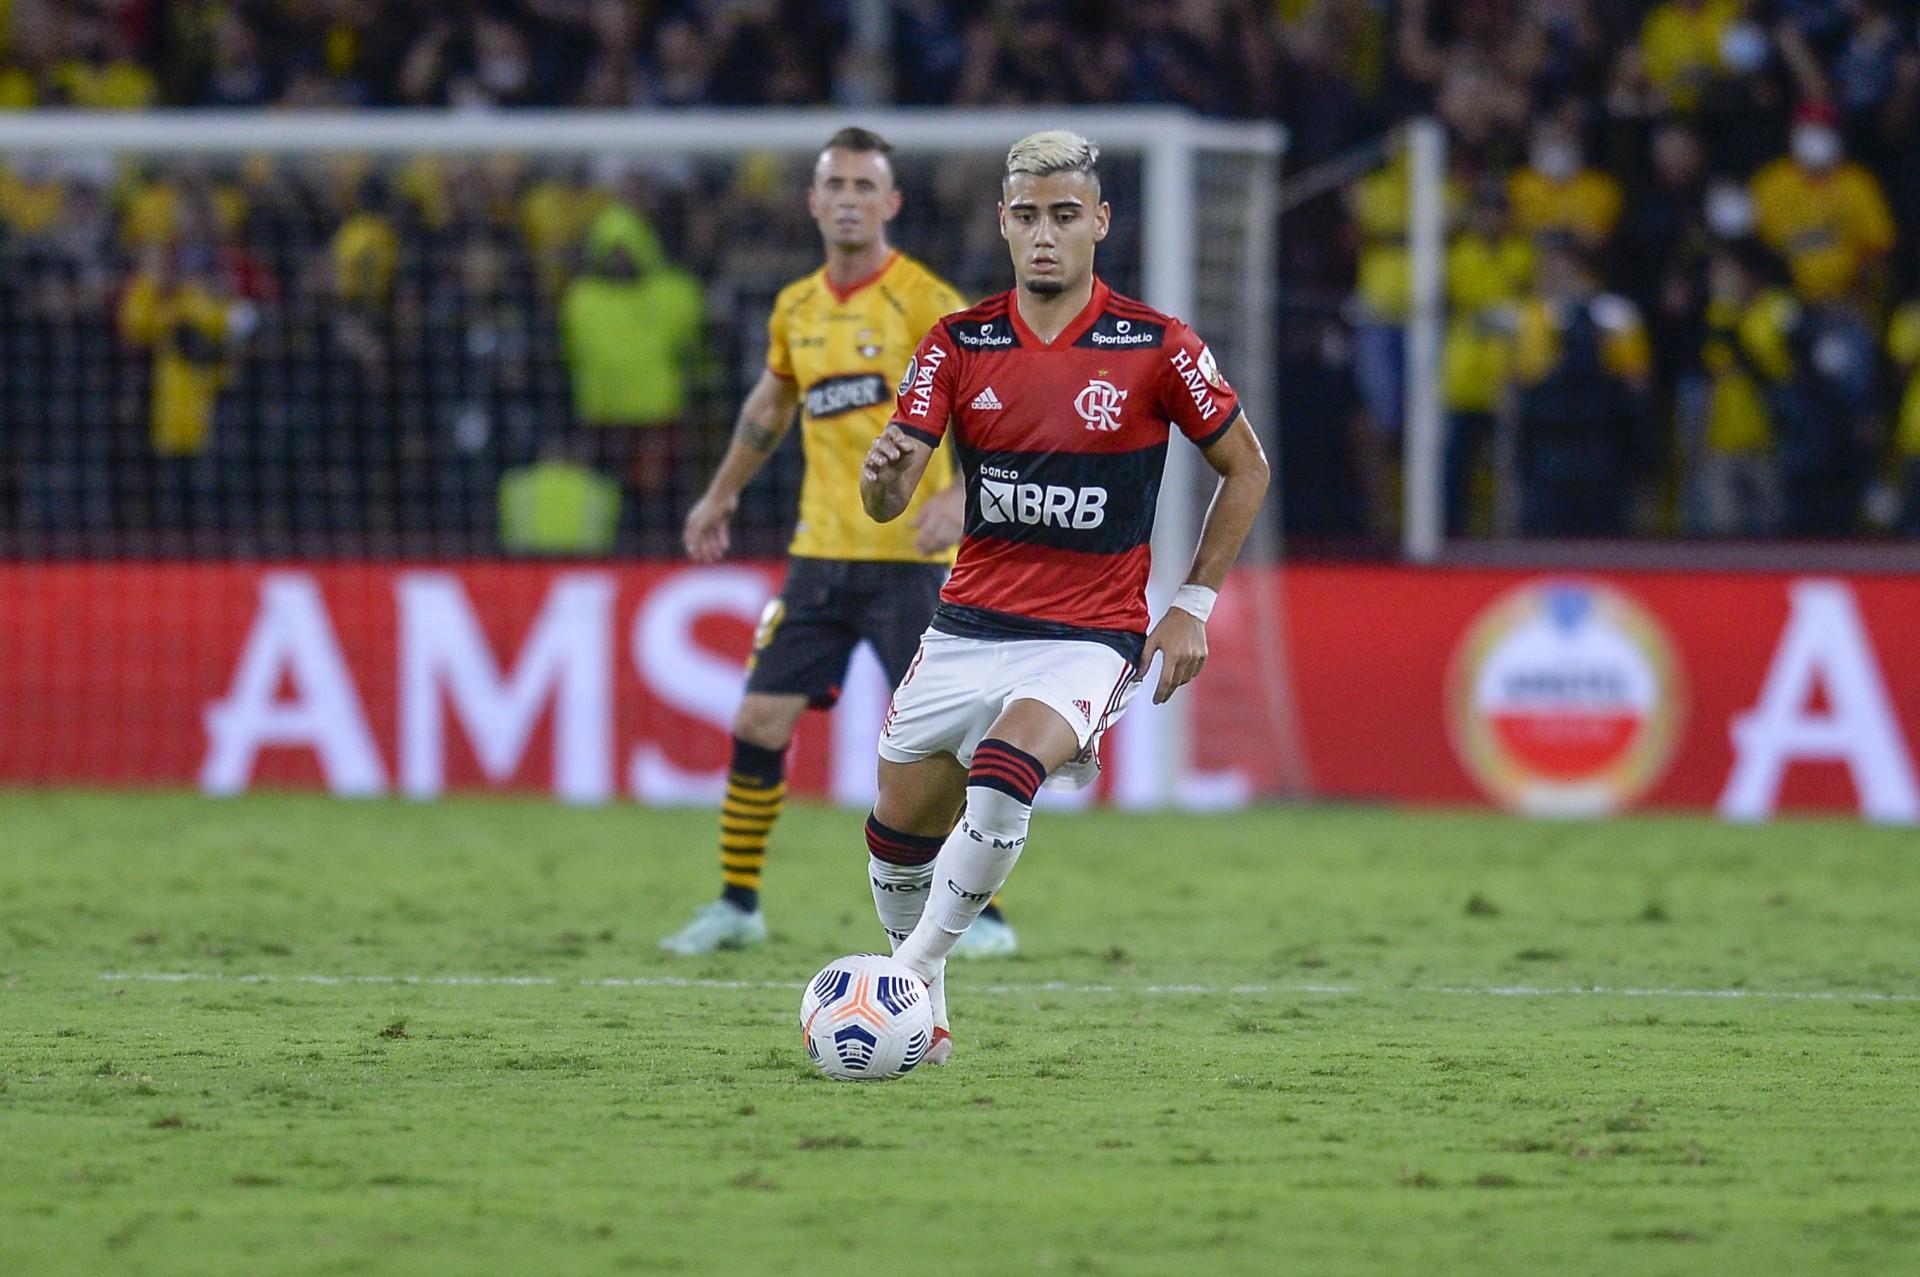 Em 40 dias de Rio de Janeiro, Andreas se consolida como titular e justifica esforço da diretoria do Flamengo